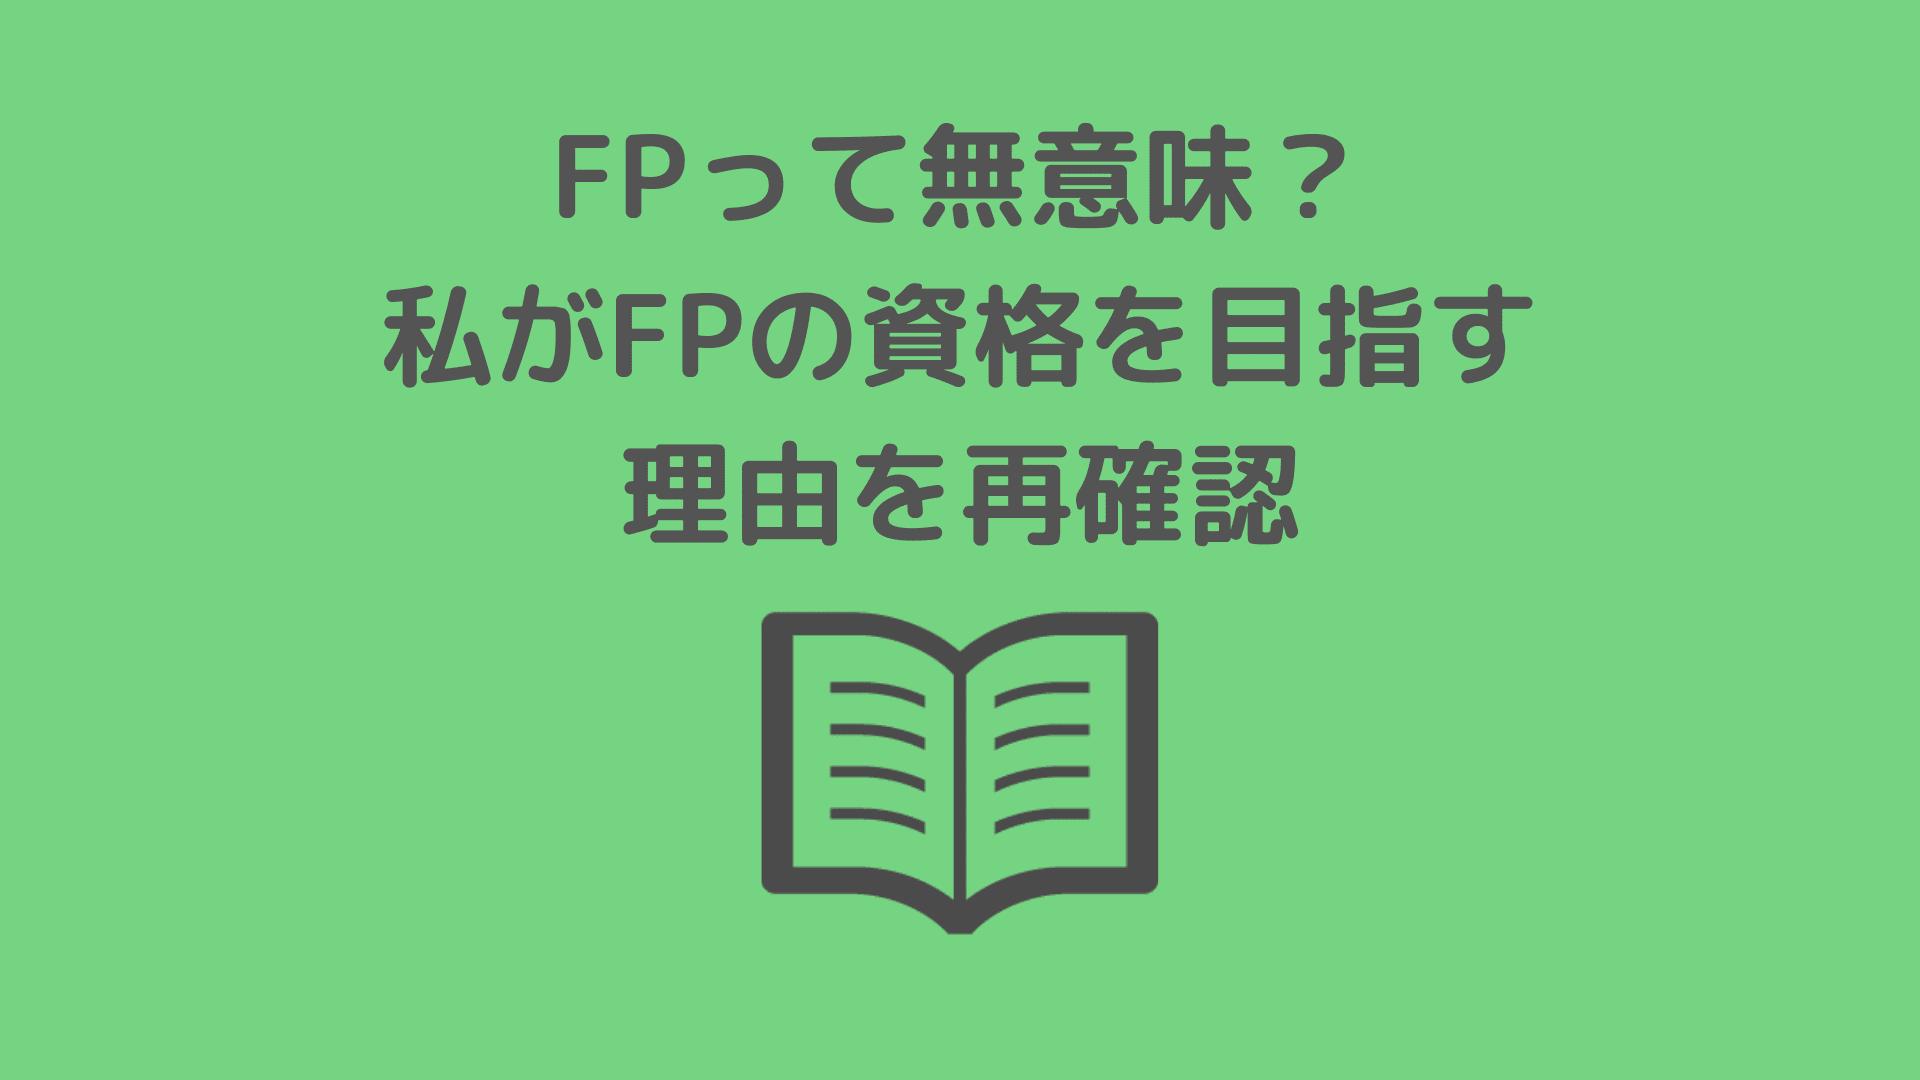 FPって無意味?私がFPの資格を目指す理由を再確認